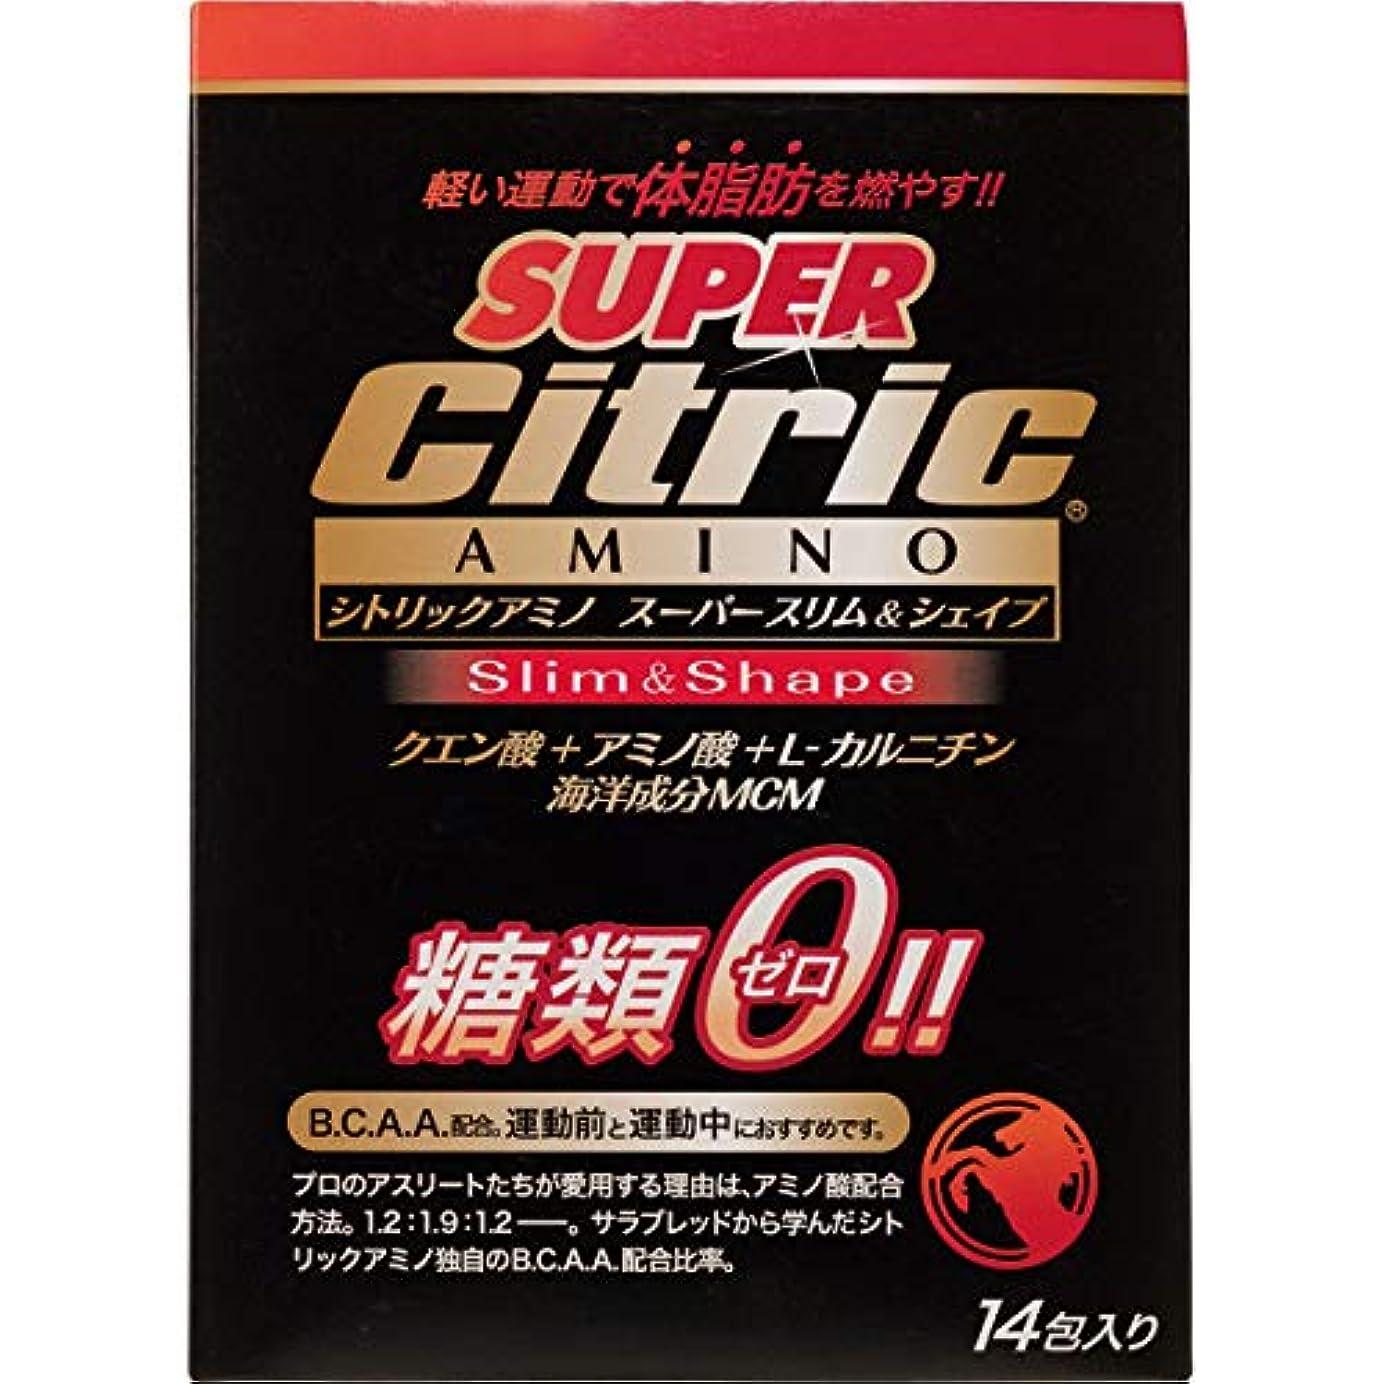 主要な単調な追い出すシトリック アミノ スーパースリム&シェイプ 6g×14包